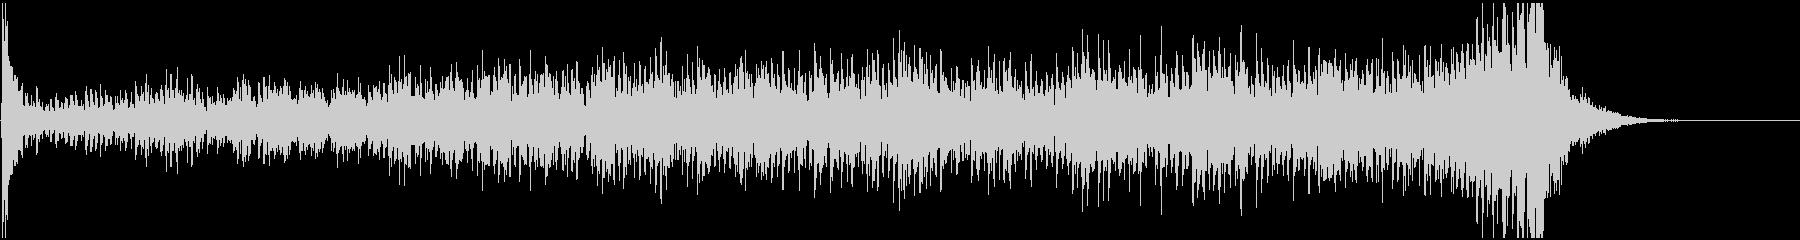 ティンパニロール-6の未再生の波形